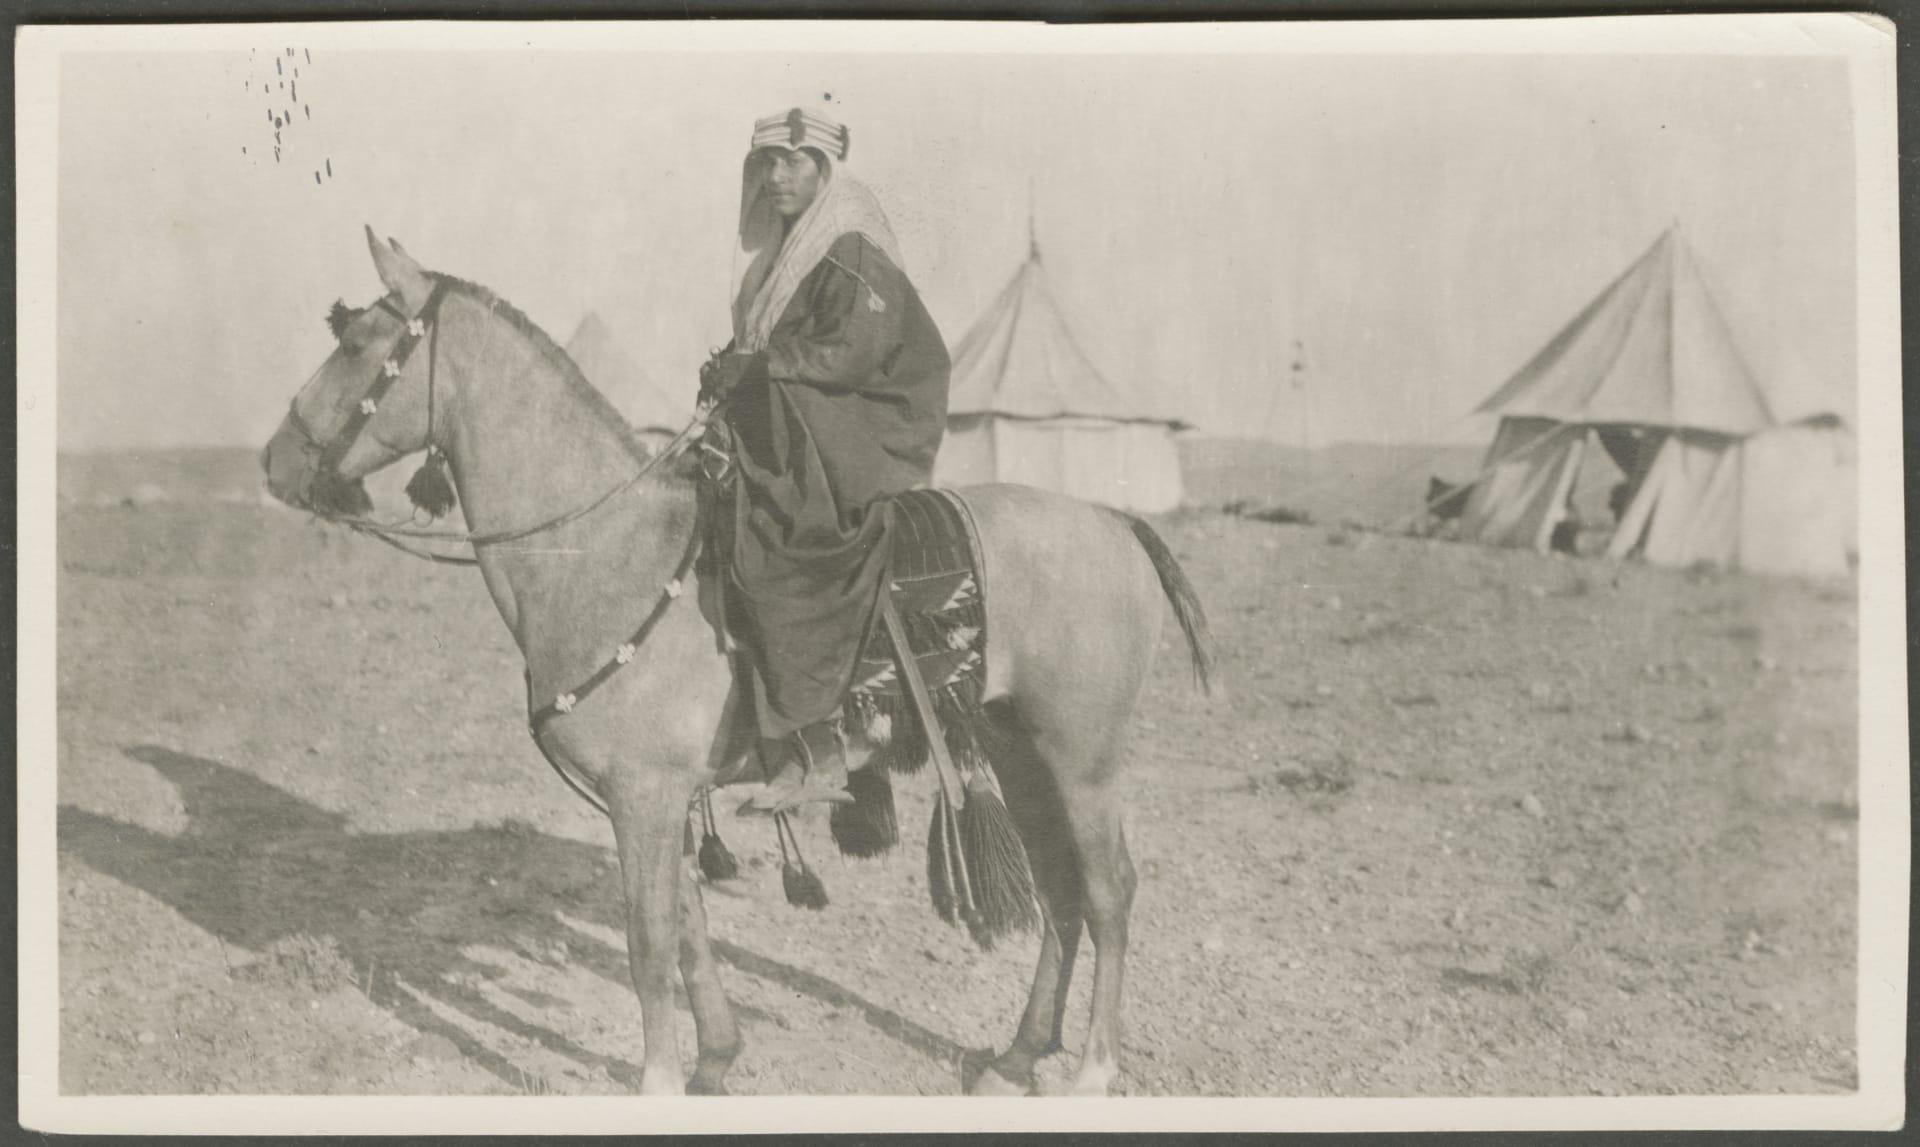 من بدلات أنيقة ولحظات محورية.. صور تعرض جوانب من الحياة بفلسطين قبل 100 عام